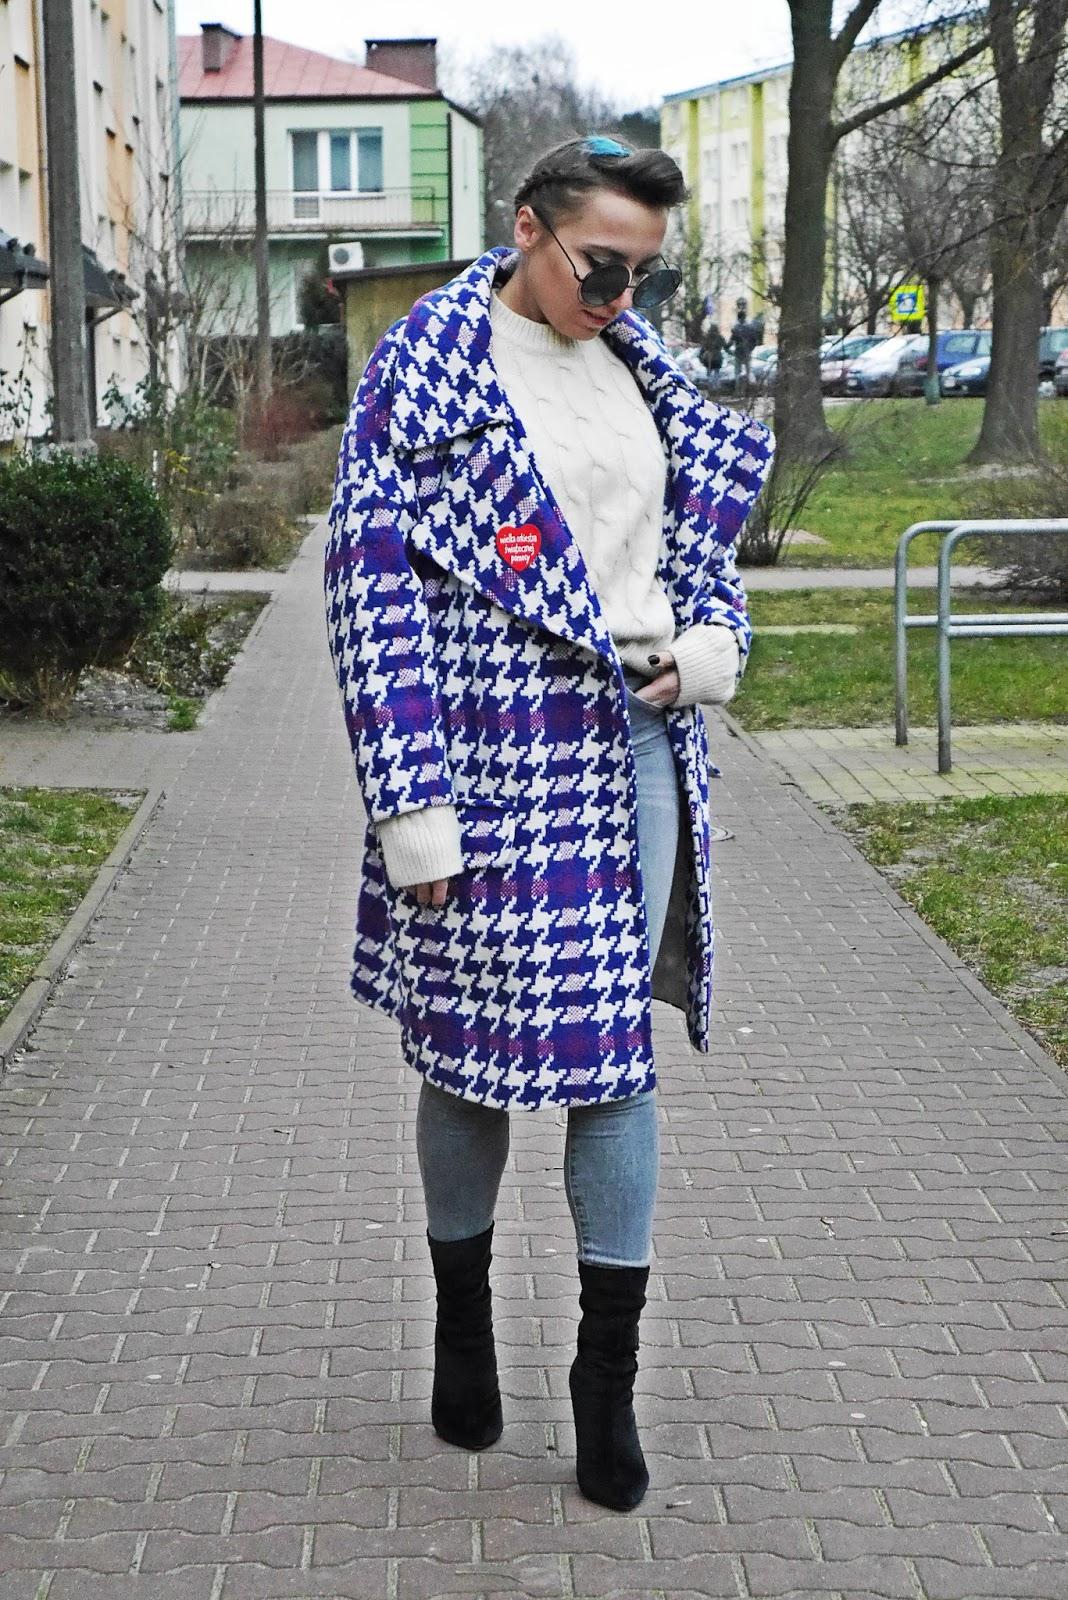 1_oversiozowy_plaszcz_kubelkowy_szare_spodnie_skarpetkowe_botki_renee_karyn_blogerka_140118